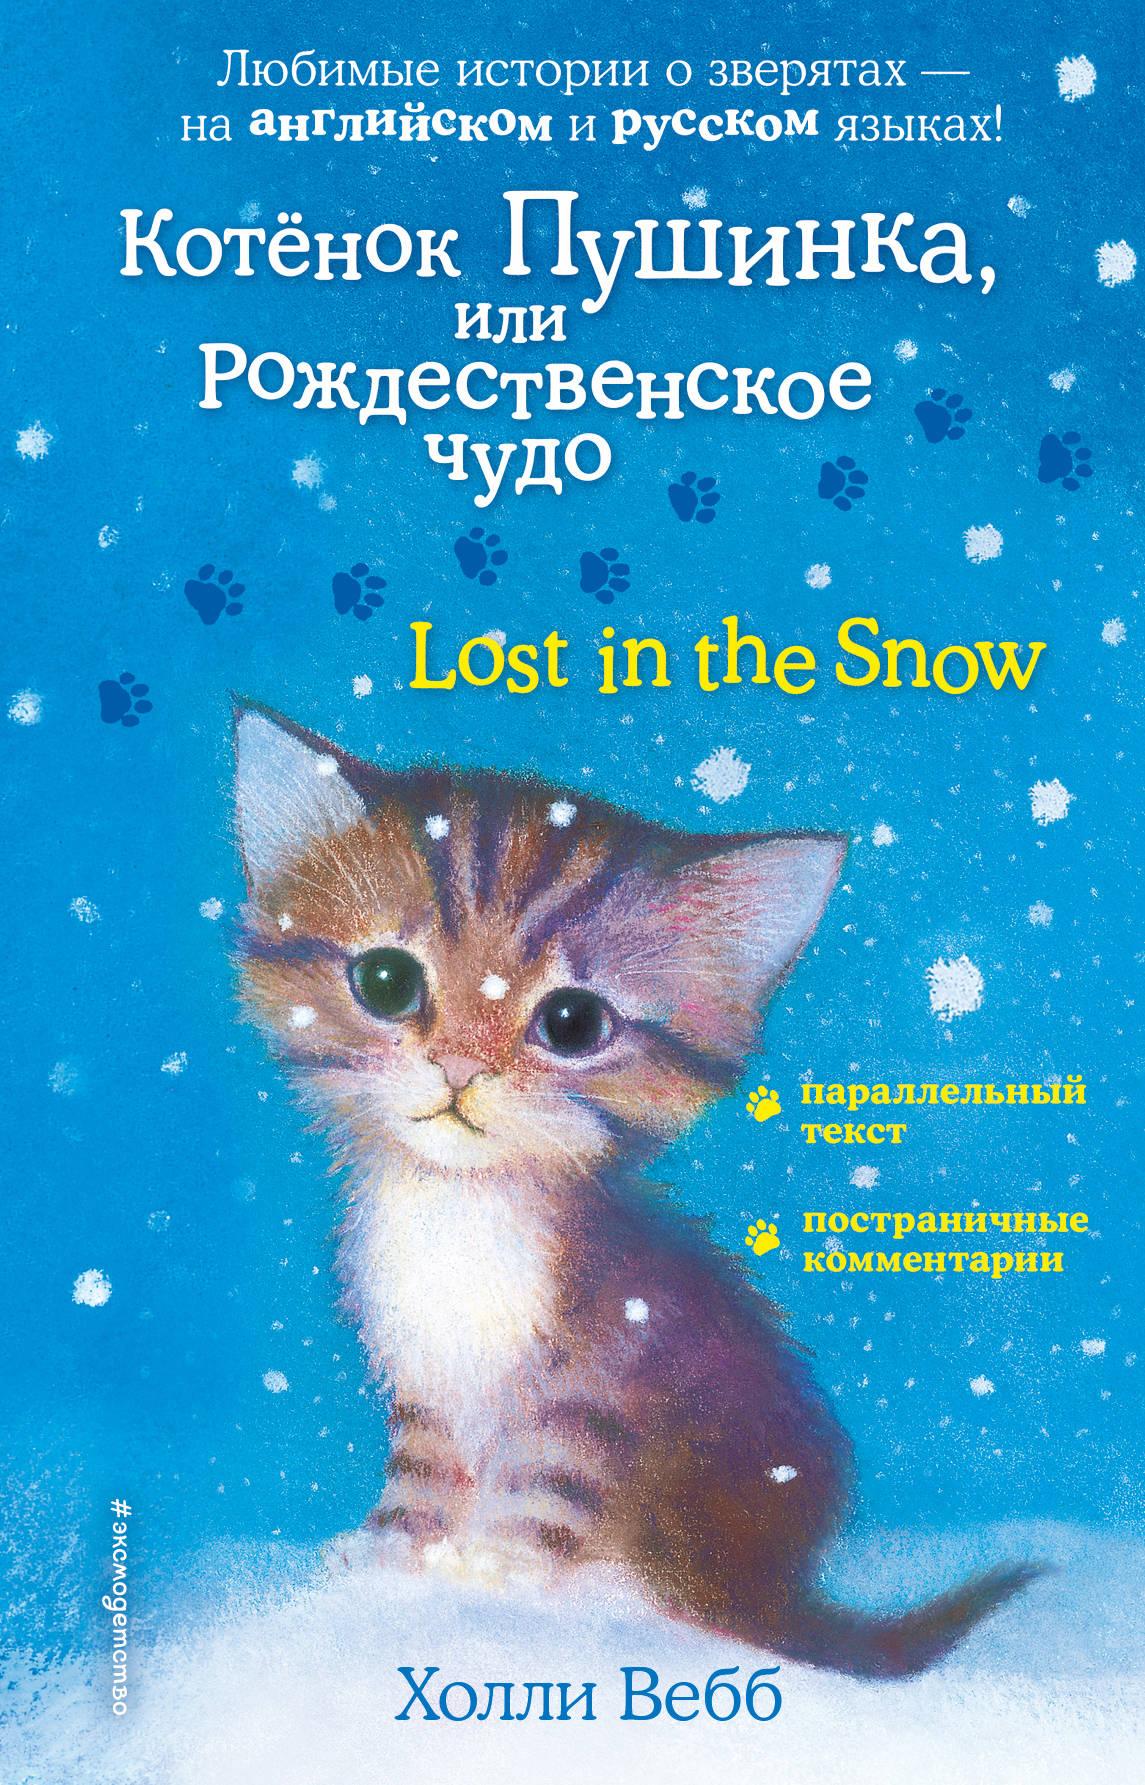 Котенок Пушинка, или Рождественское чудо = Lost in the Snow